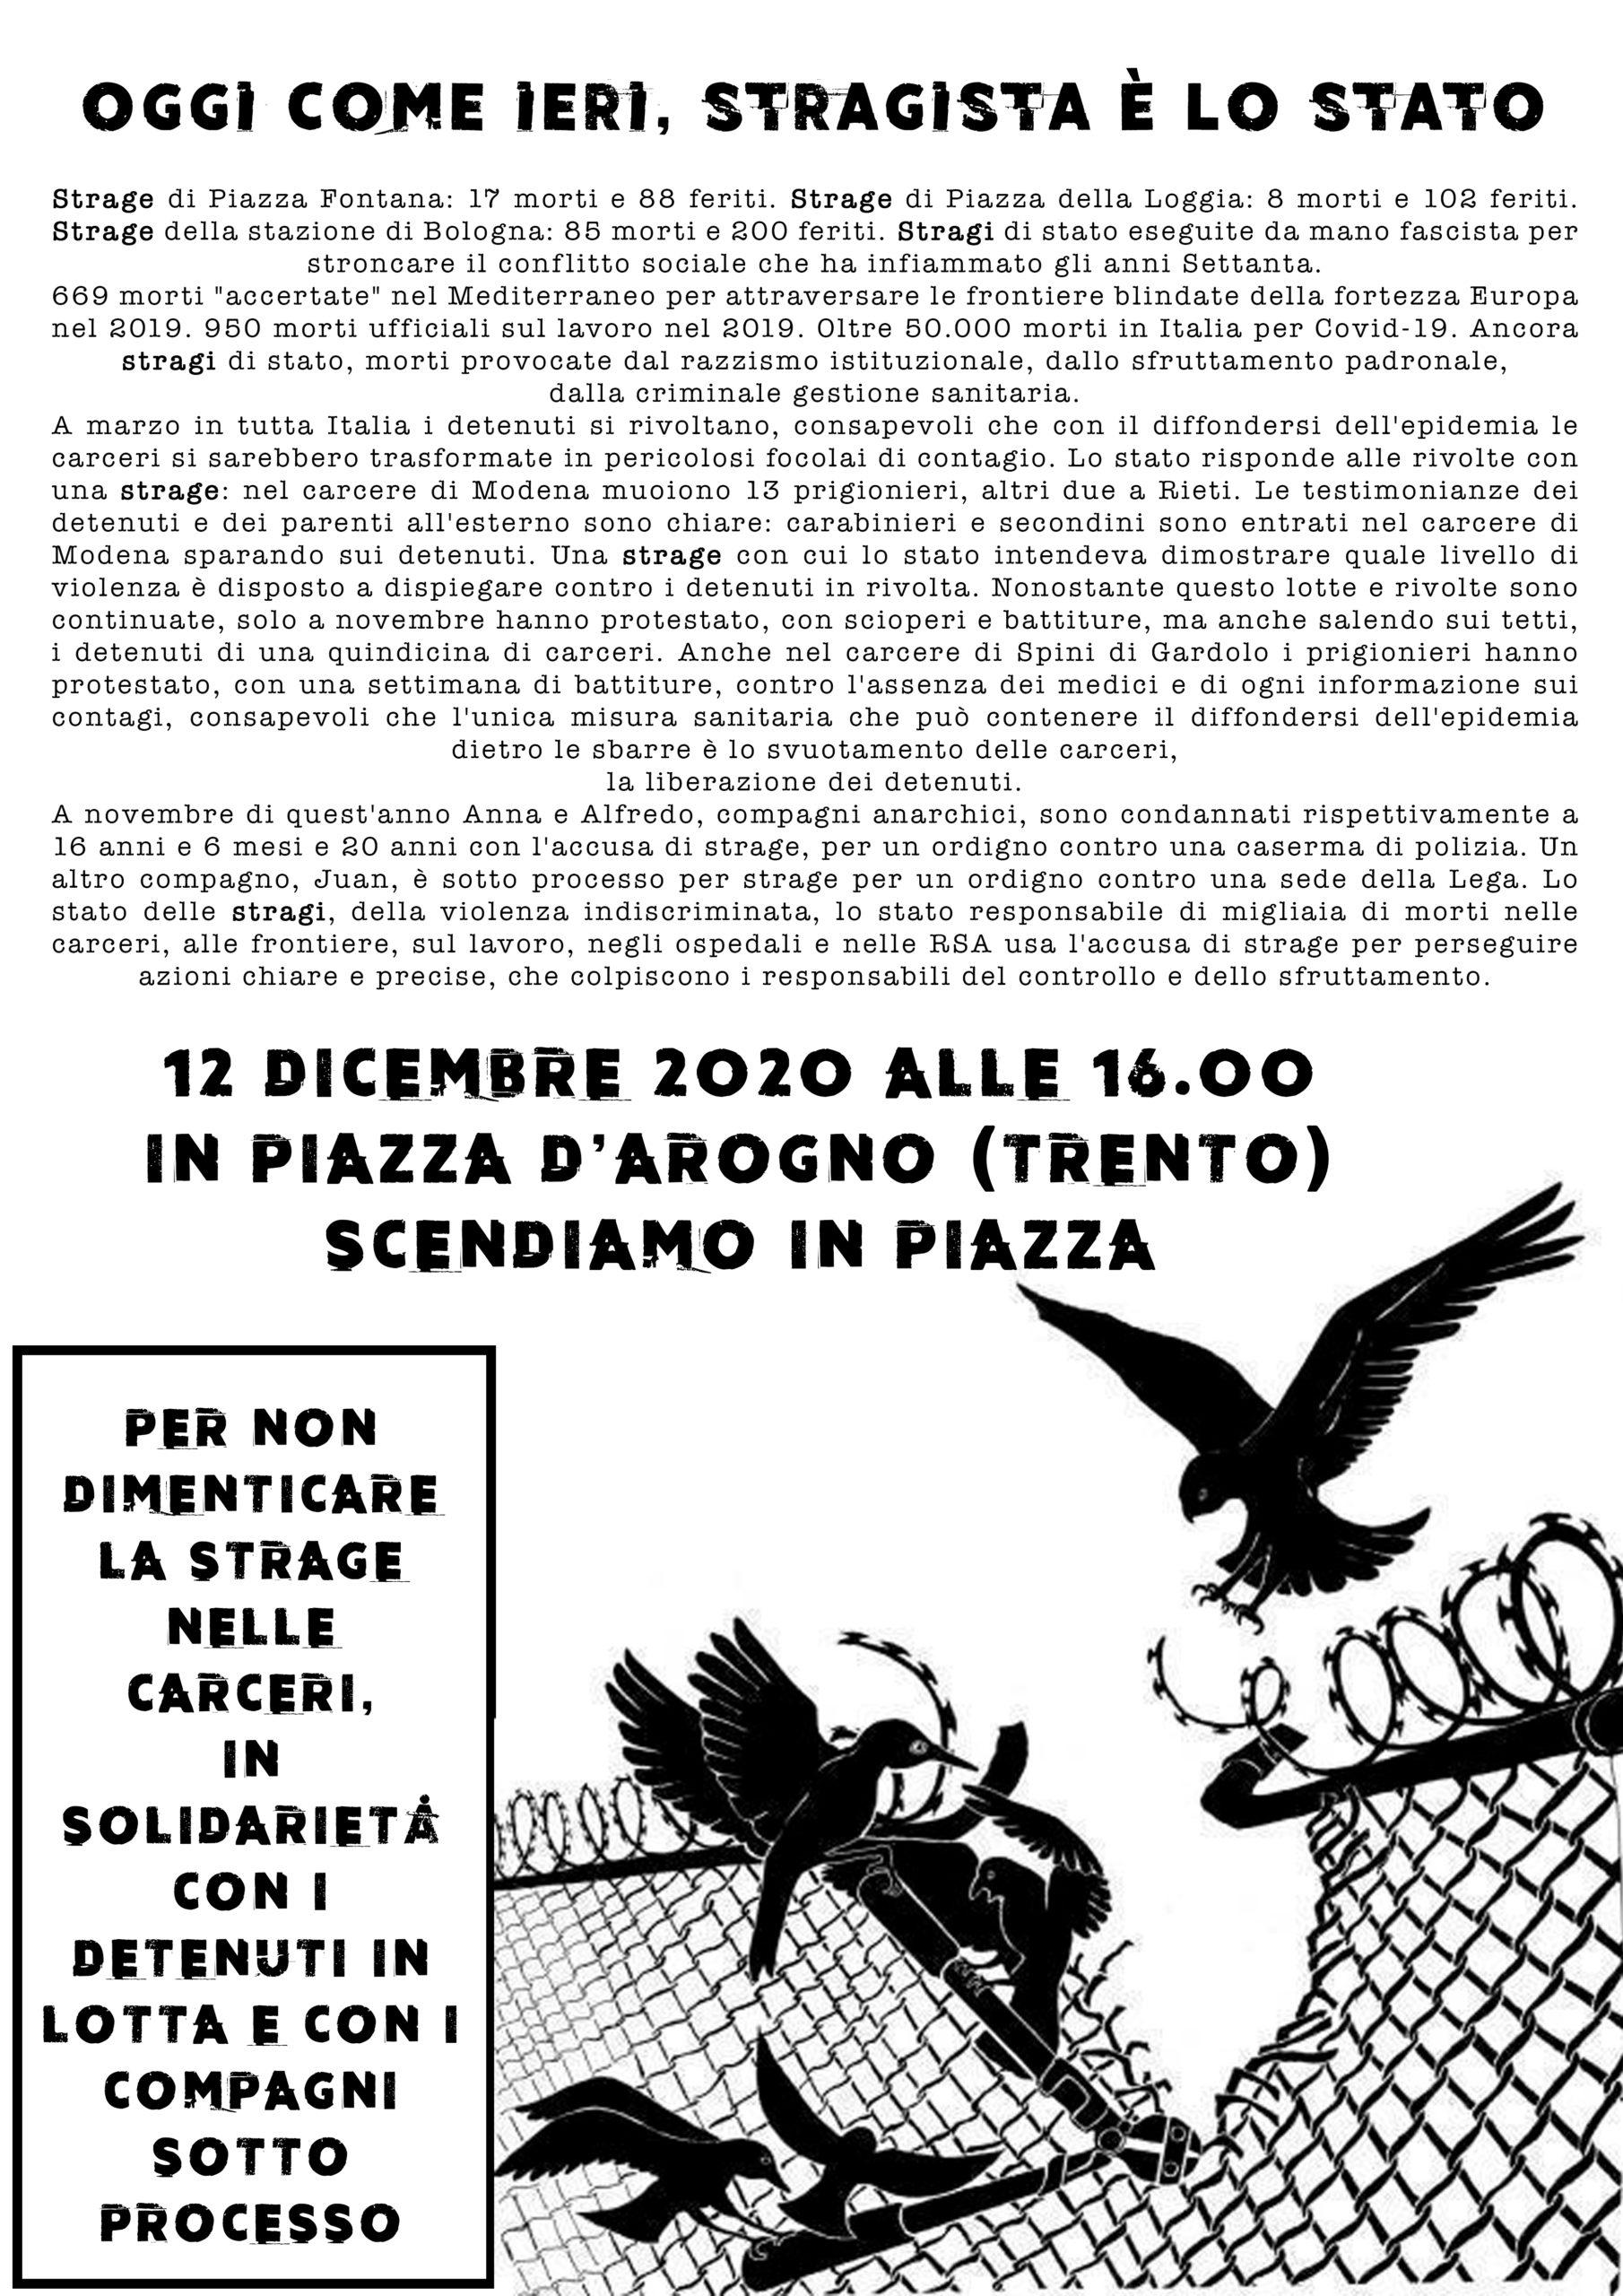 Trento 12 dicembre: oggi come ieri, stragista è lo Stato